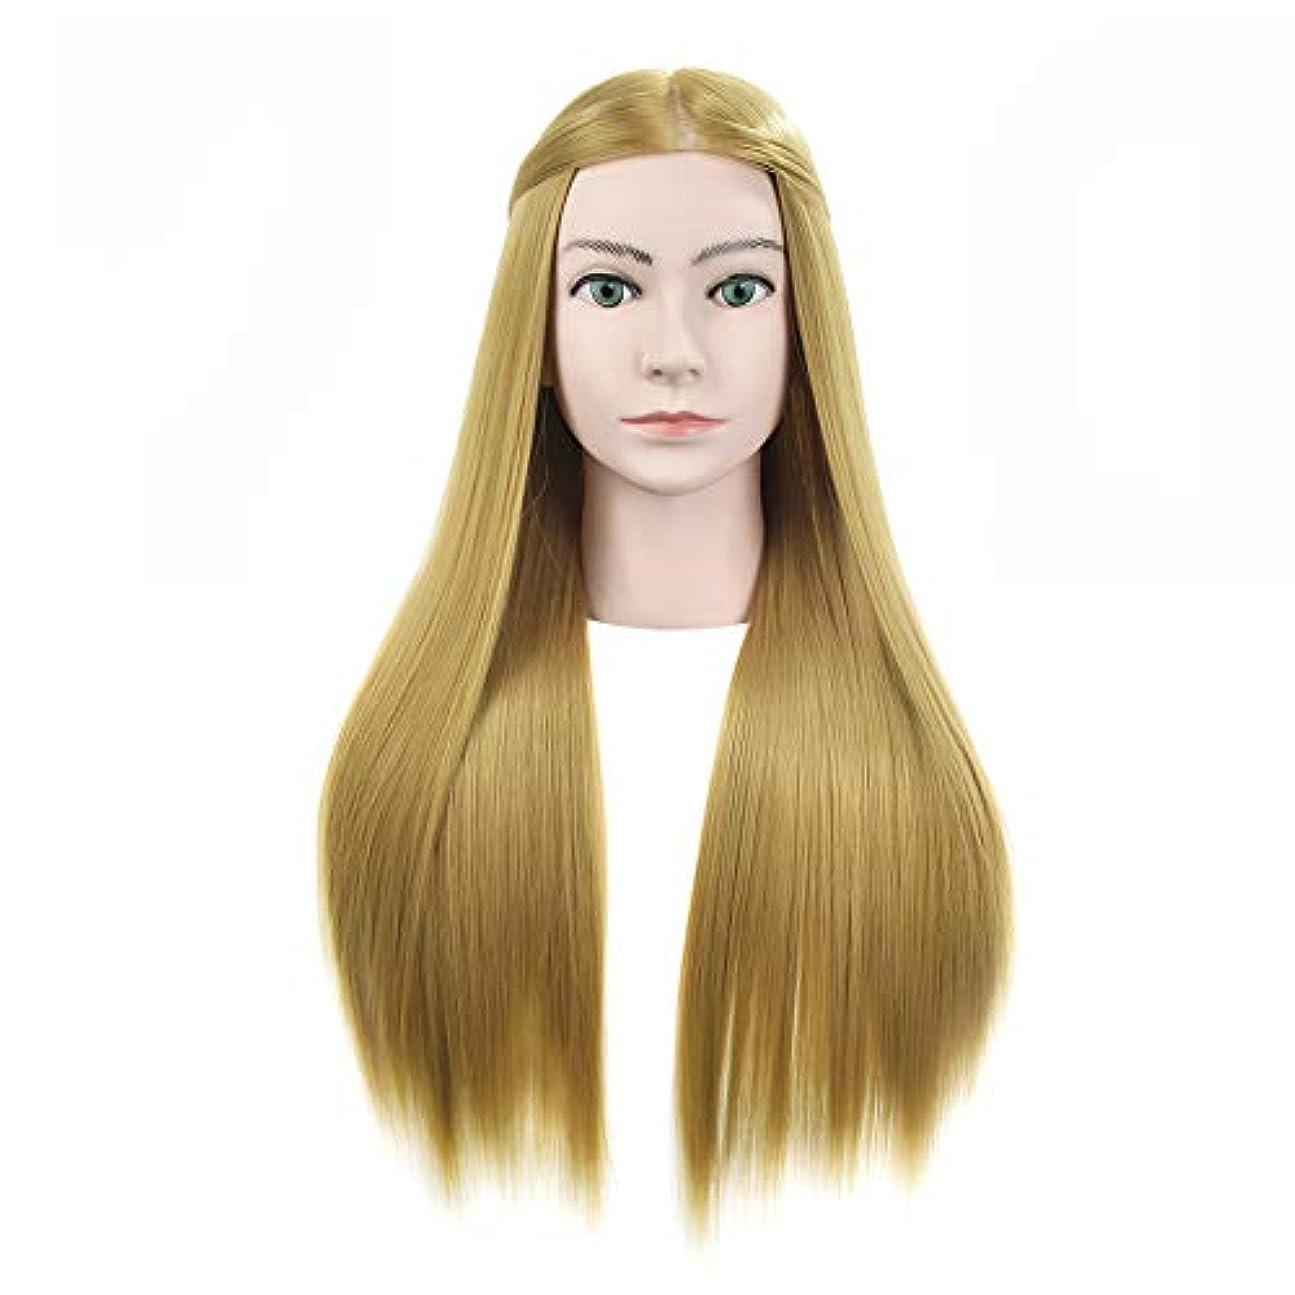 鳥中で城メイクディスクヘアスタイリング編み教育ダミーヘッドサロンエクササイズヘッド金型理髪ヘアカットトレーニングかつら